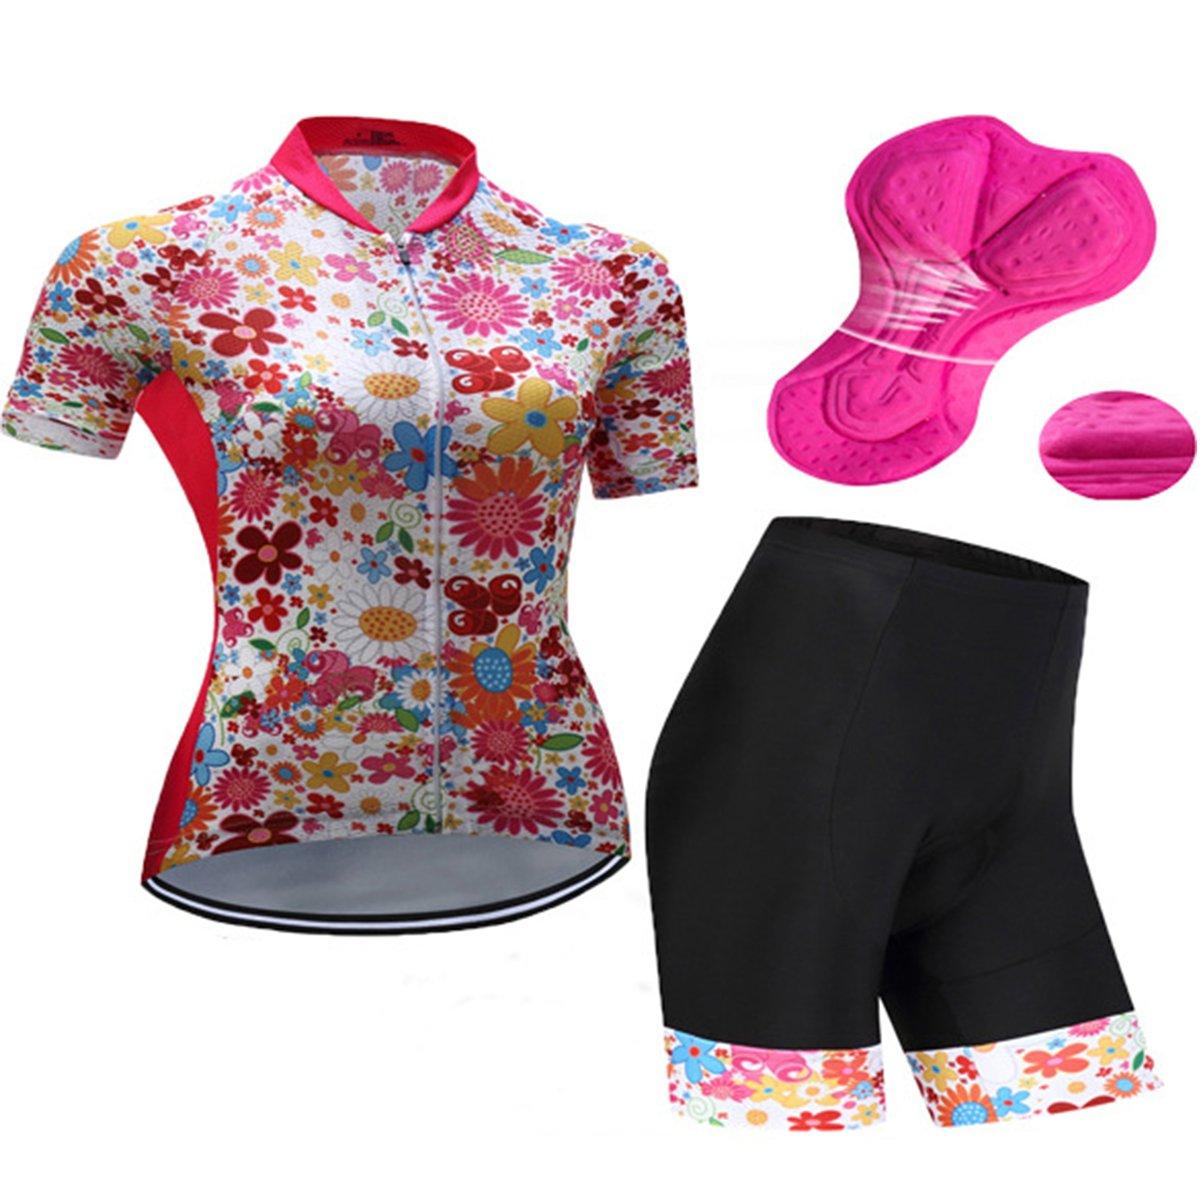 GWELL Damen Blumen Fahrradbekleidung Radtrikot Set Trikot Kurzarm + Radhose mit Sitzpolster G WELL